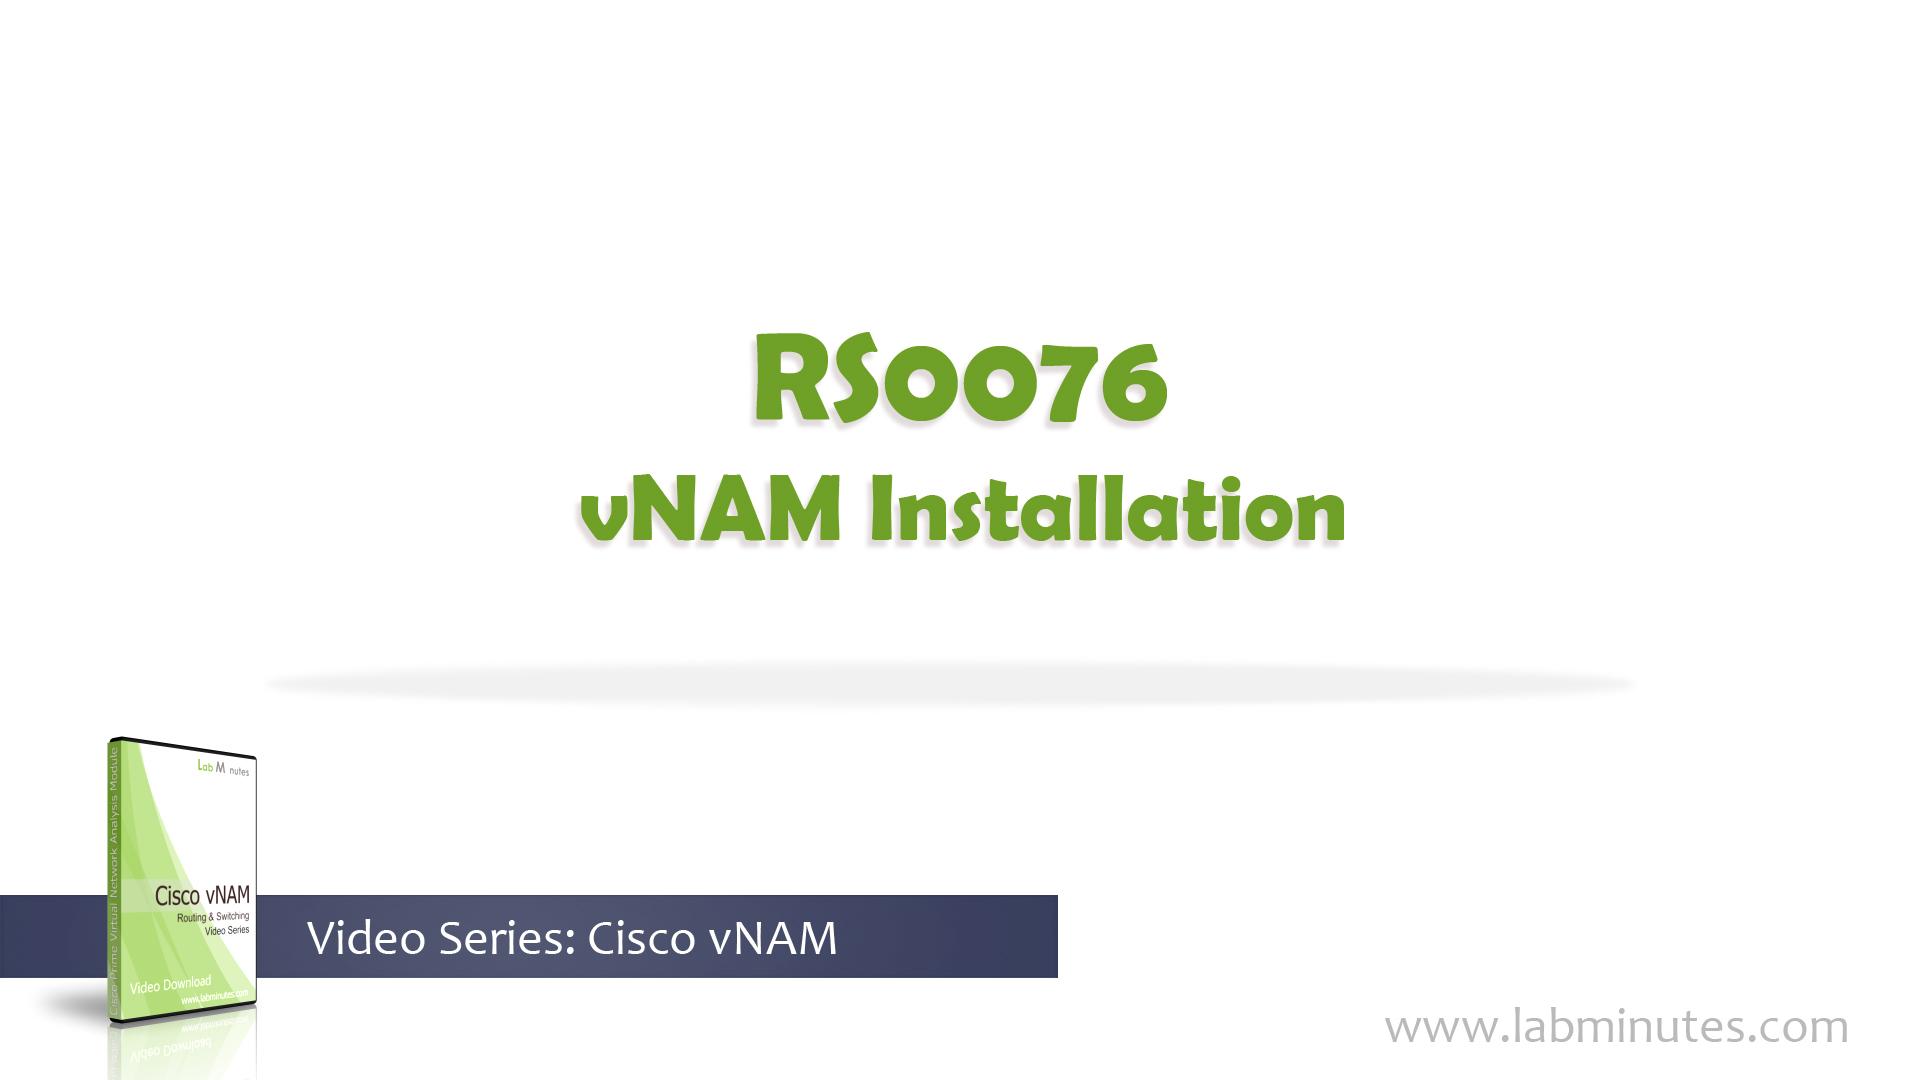 How to Install Cisco vNAM